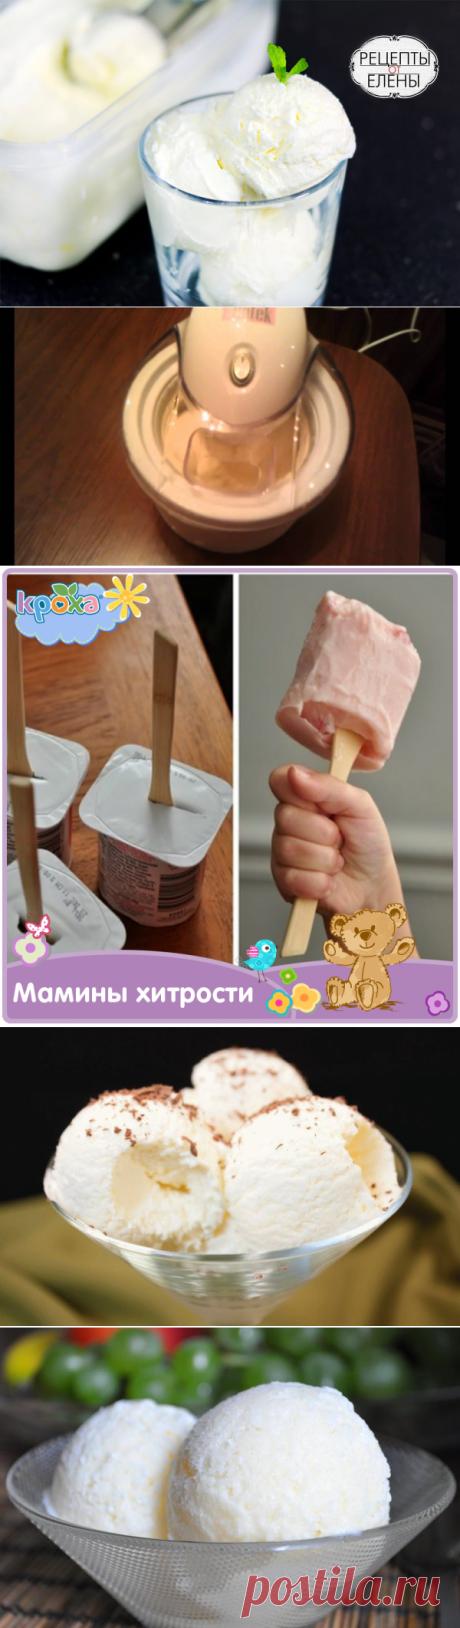 Как сделать мороженое в домашних условиях, простые рецепты своими руками – Женский сайт Femme Today